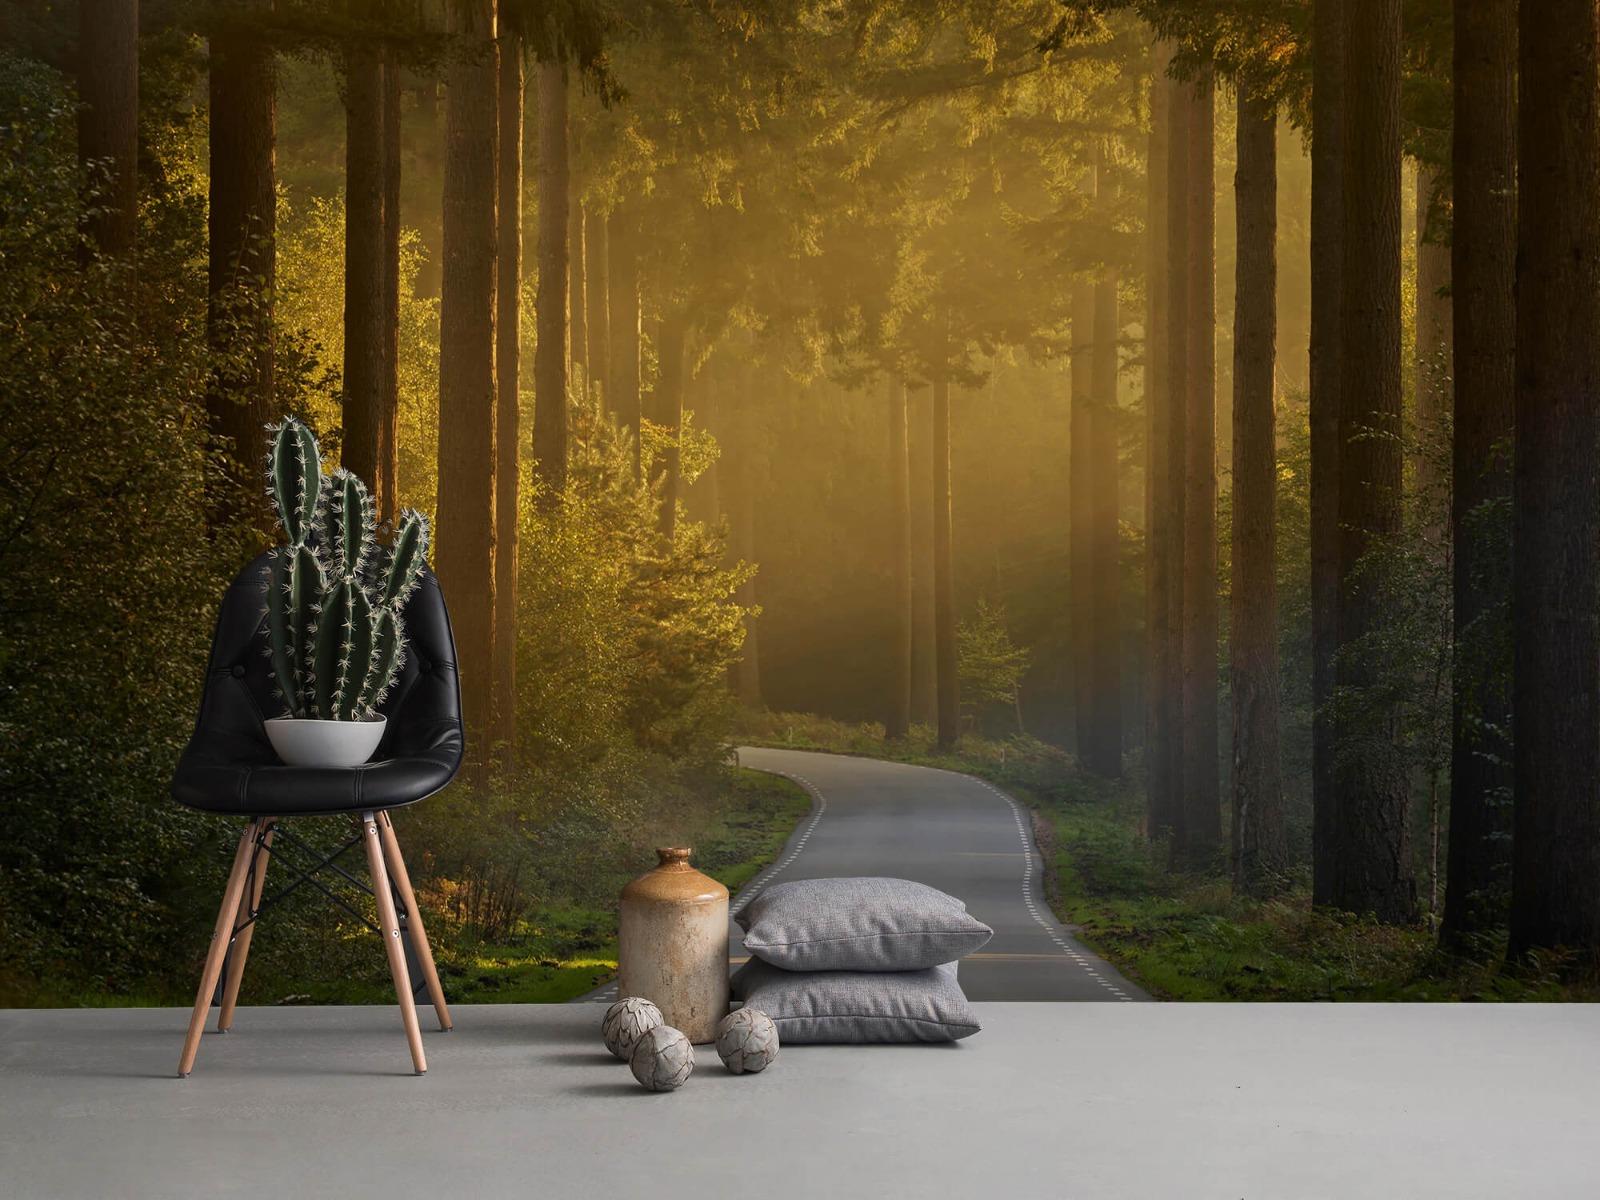 Natuur - Zonsopkomst bij weg door het bos 1